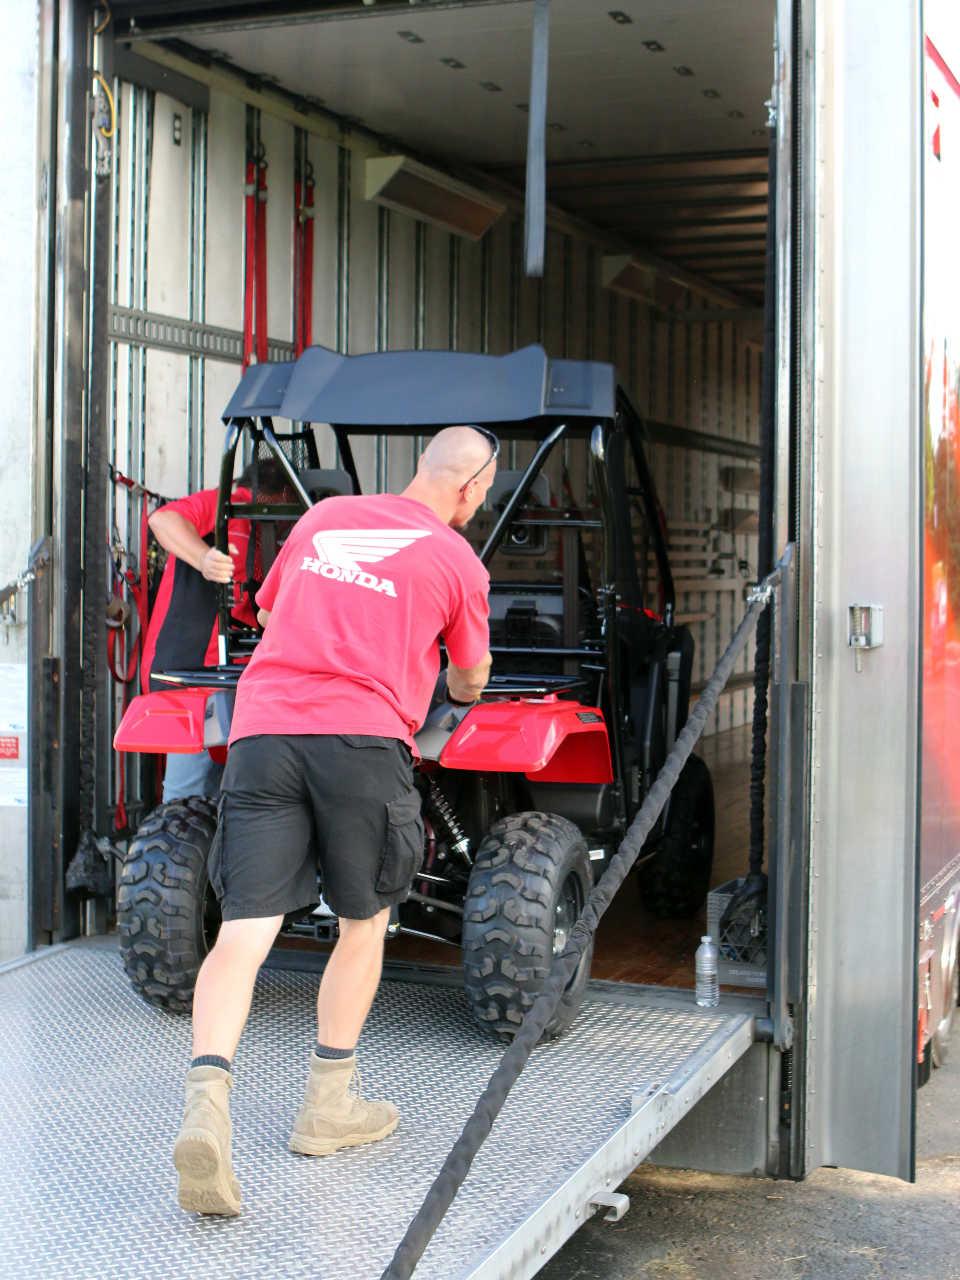 2017 Honda Pioneer500 Red Rear Unloading From Truck